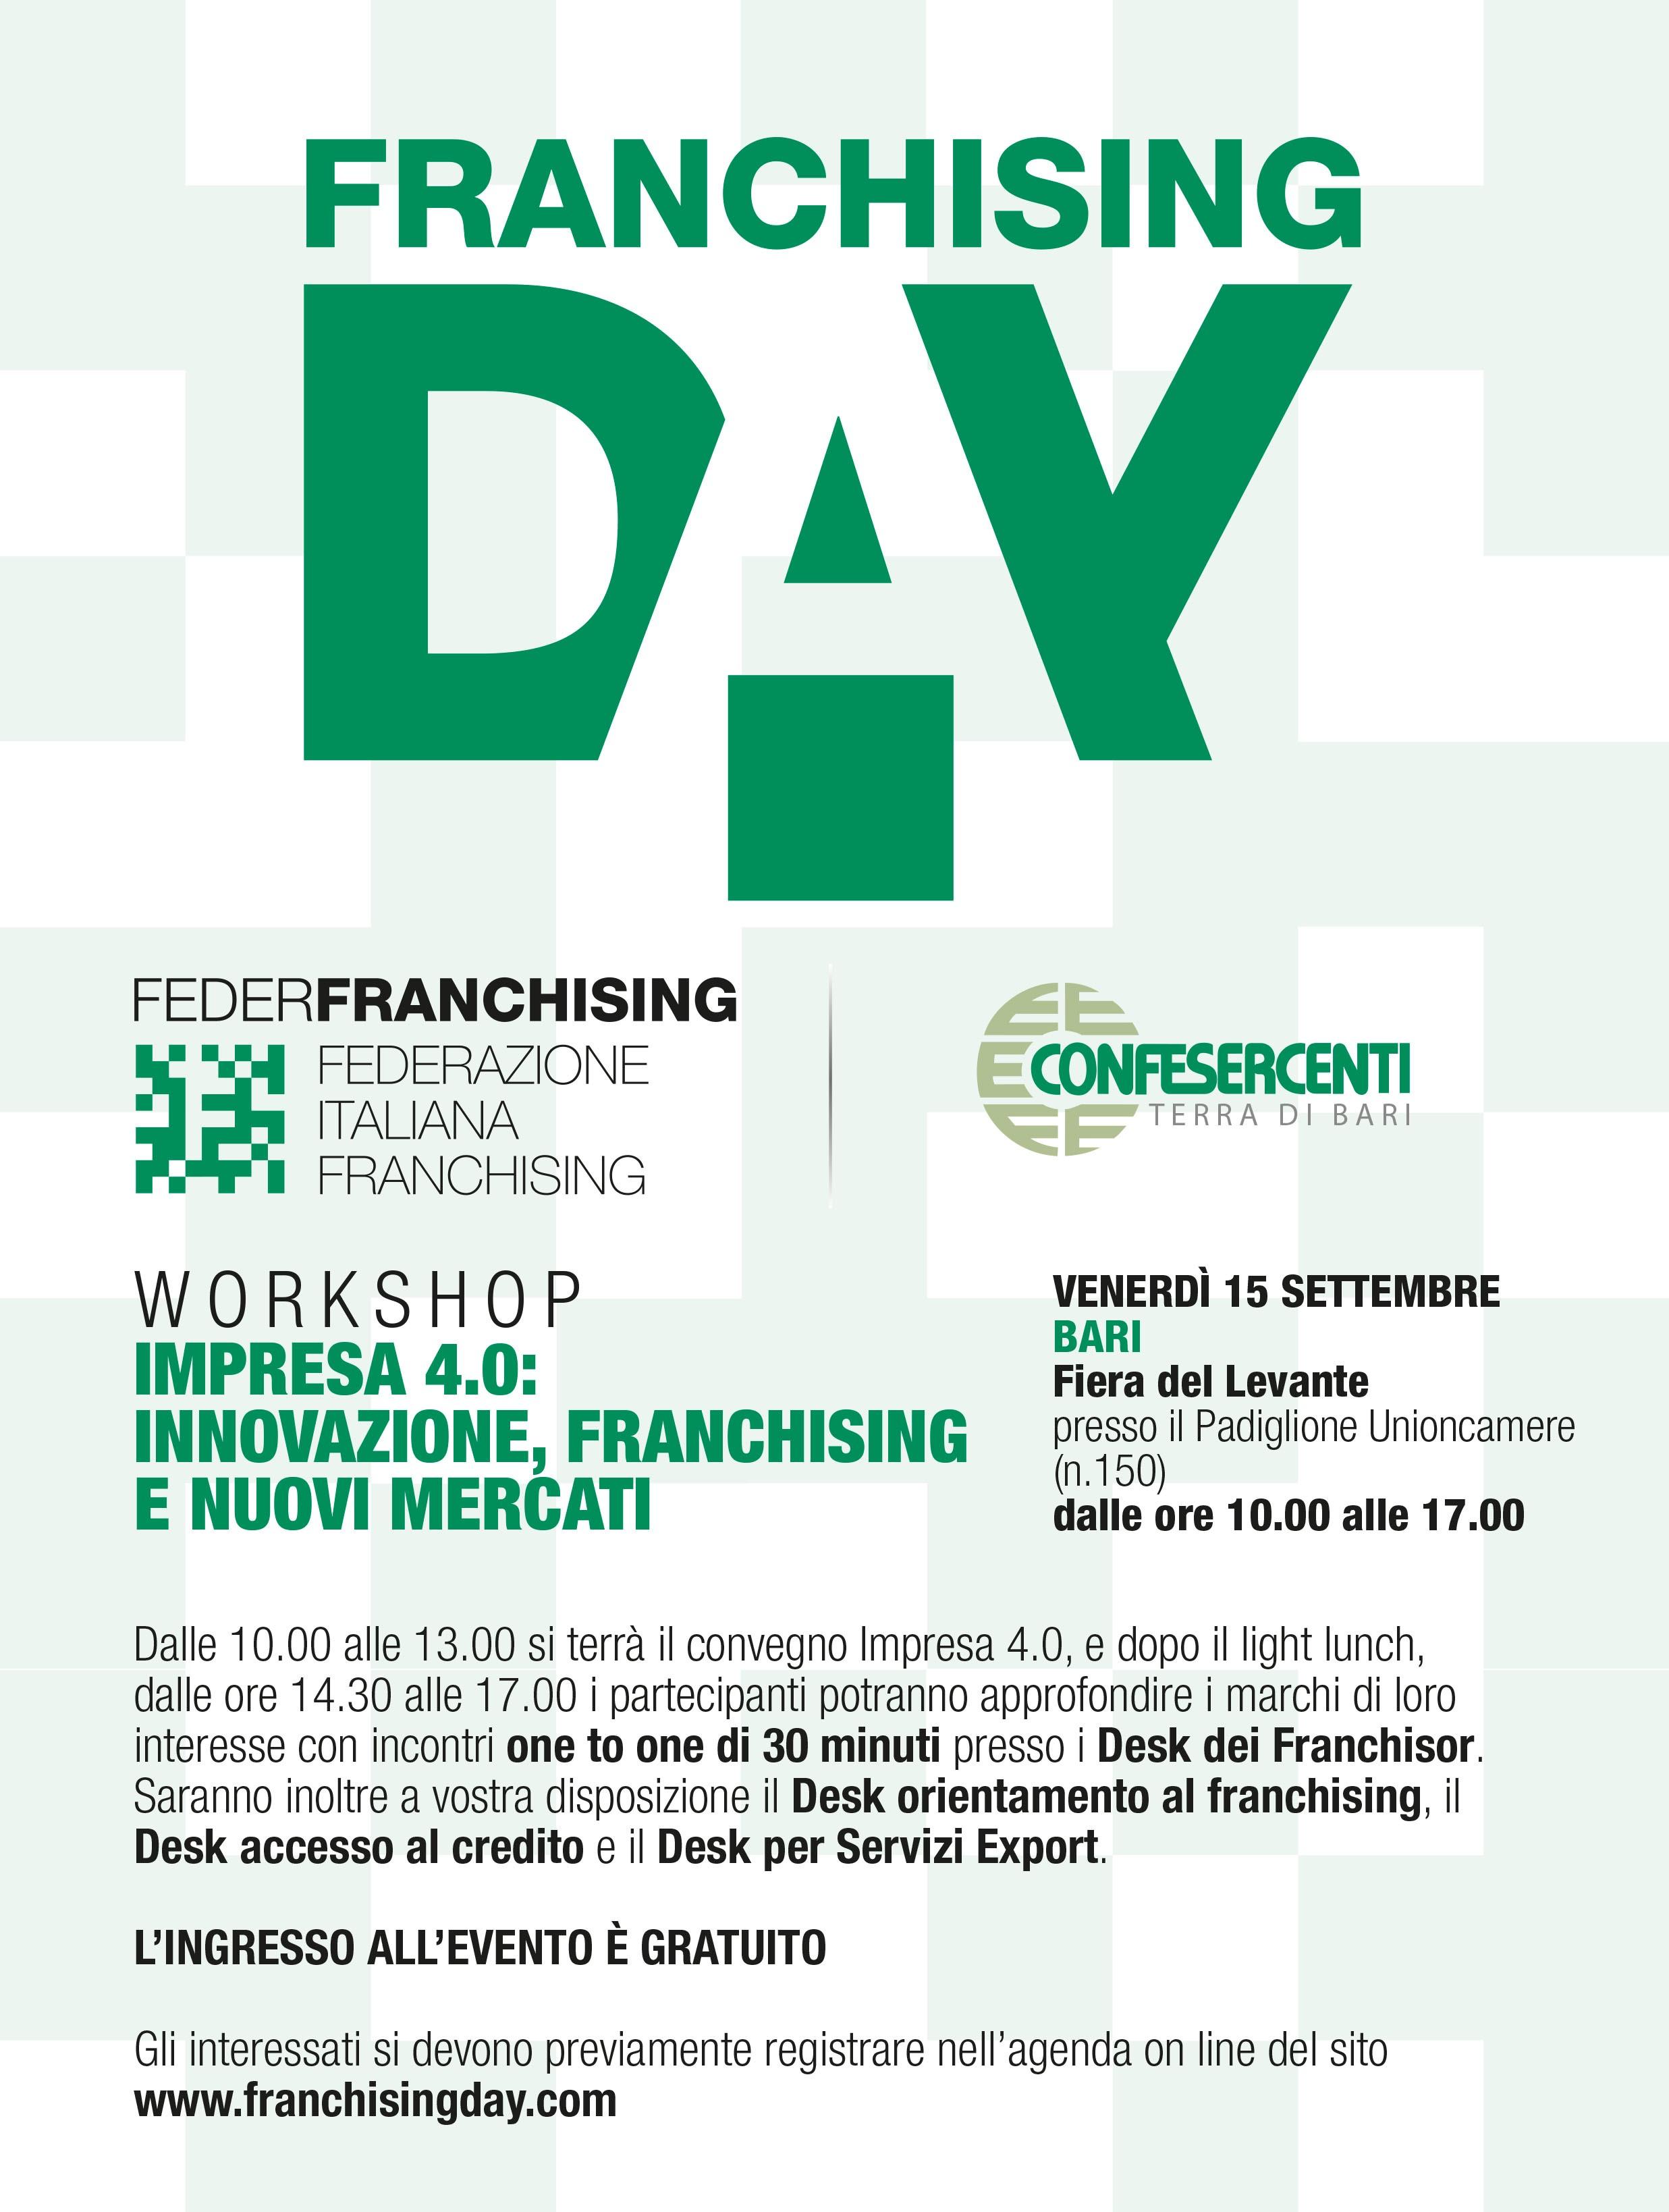 Franchising Day Bari